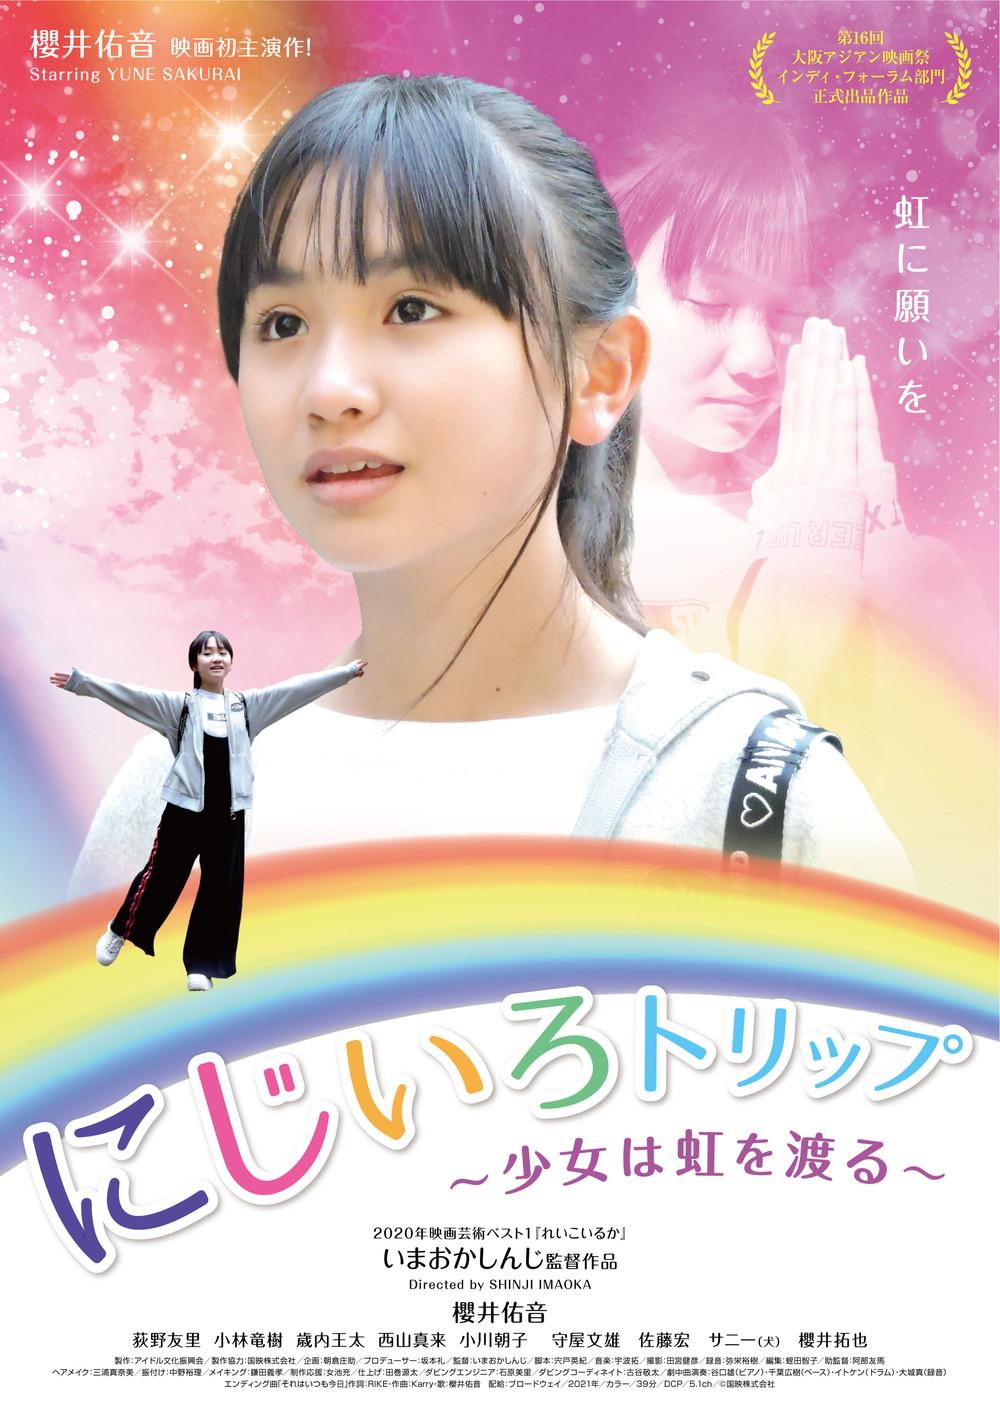 『にじいろトリップ~少女は虹を渡る~』